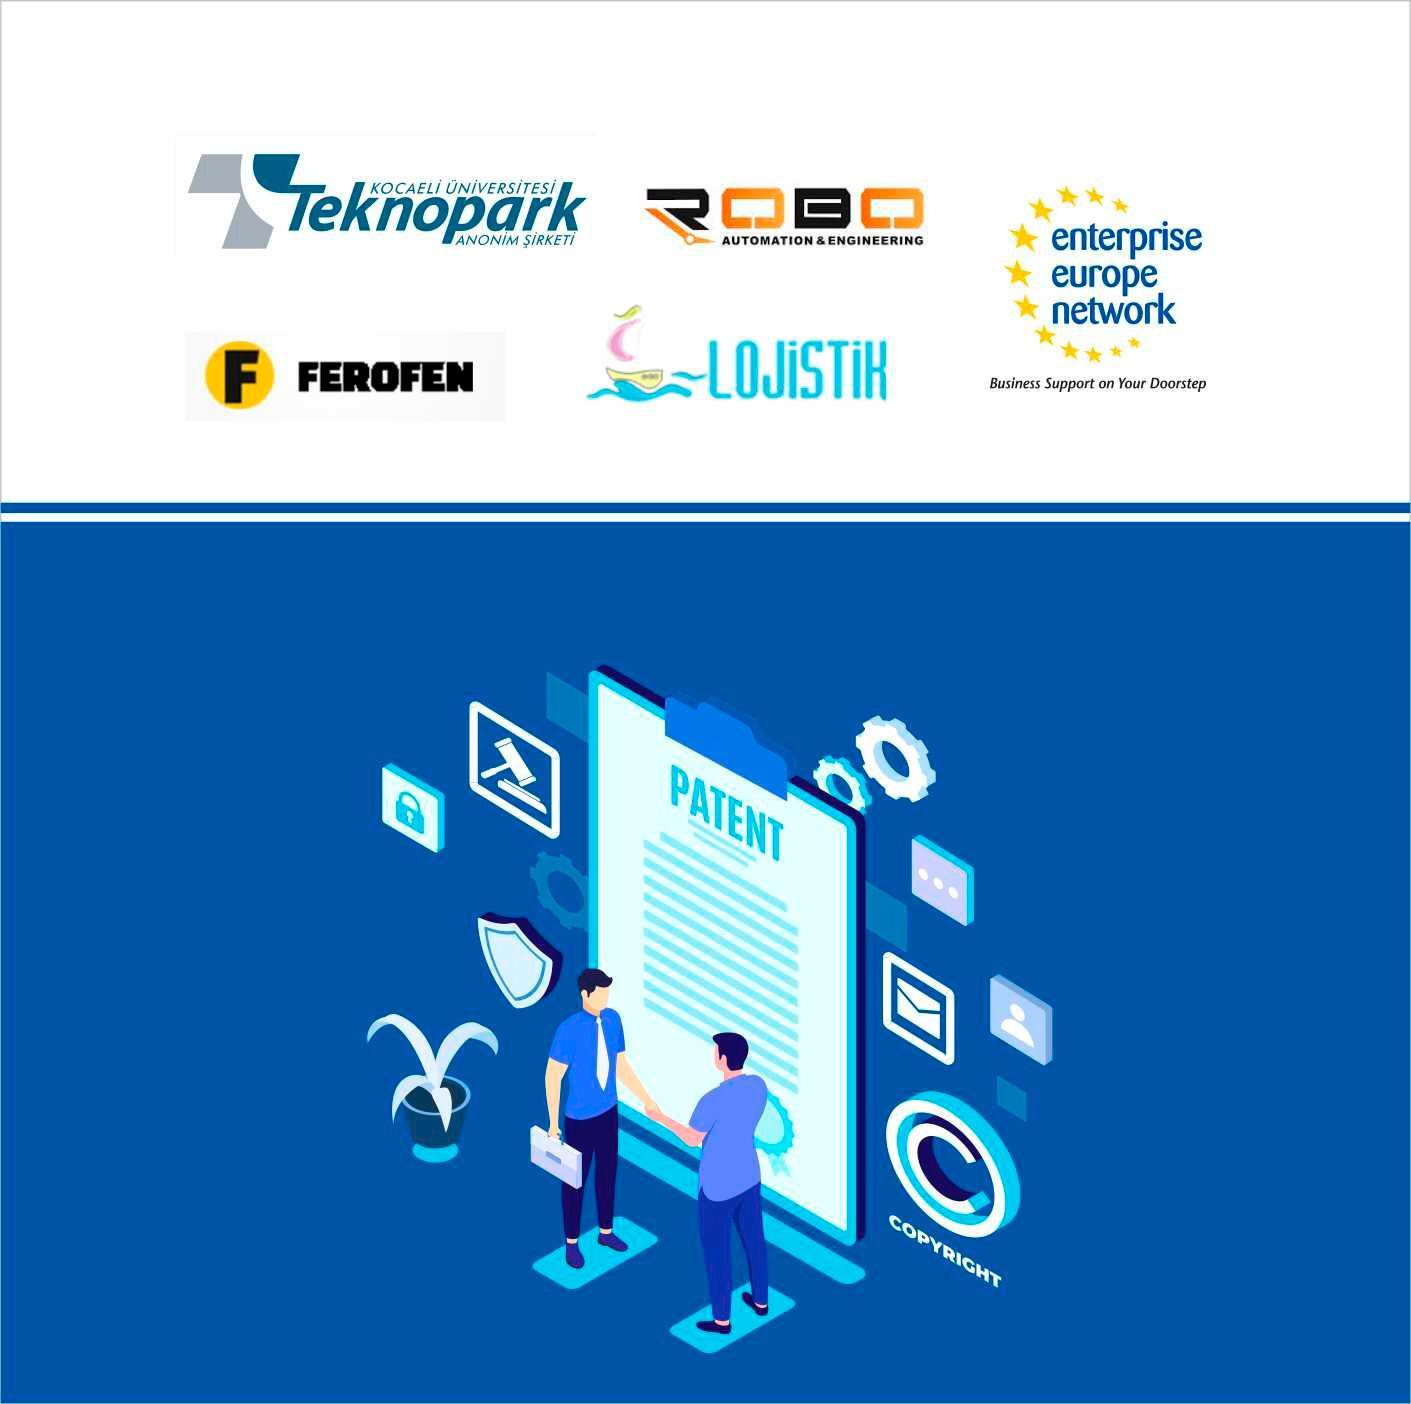 Ulusal patent başvurusu yapan Viya Lojistik, Ferofen, ROBO Otomasyon adlı firmalarımızı tebrik ederiz.